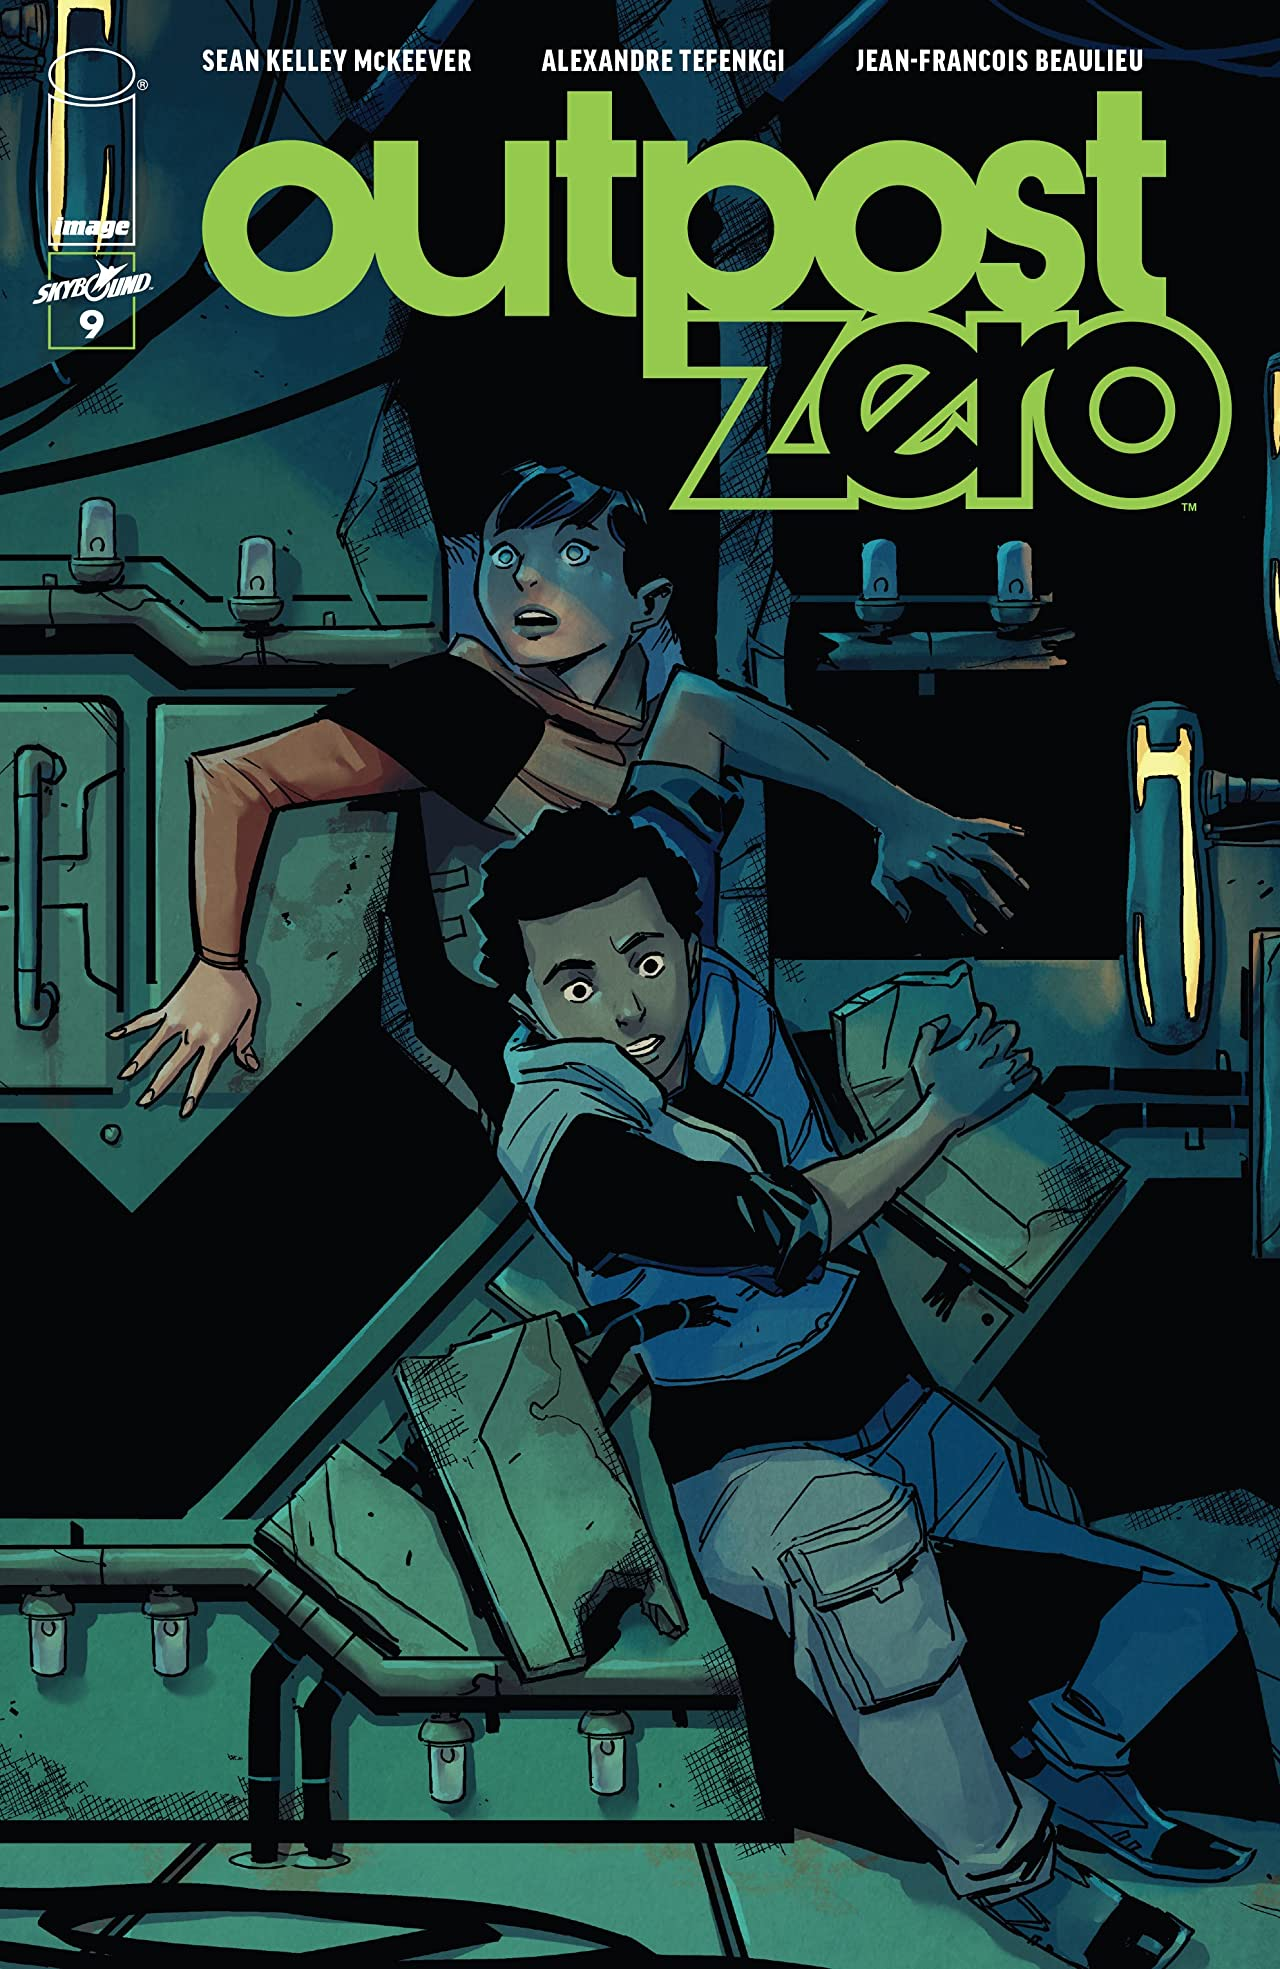 Outpost Zero #9